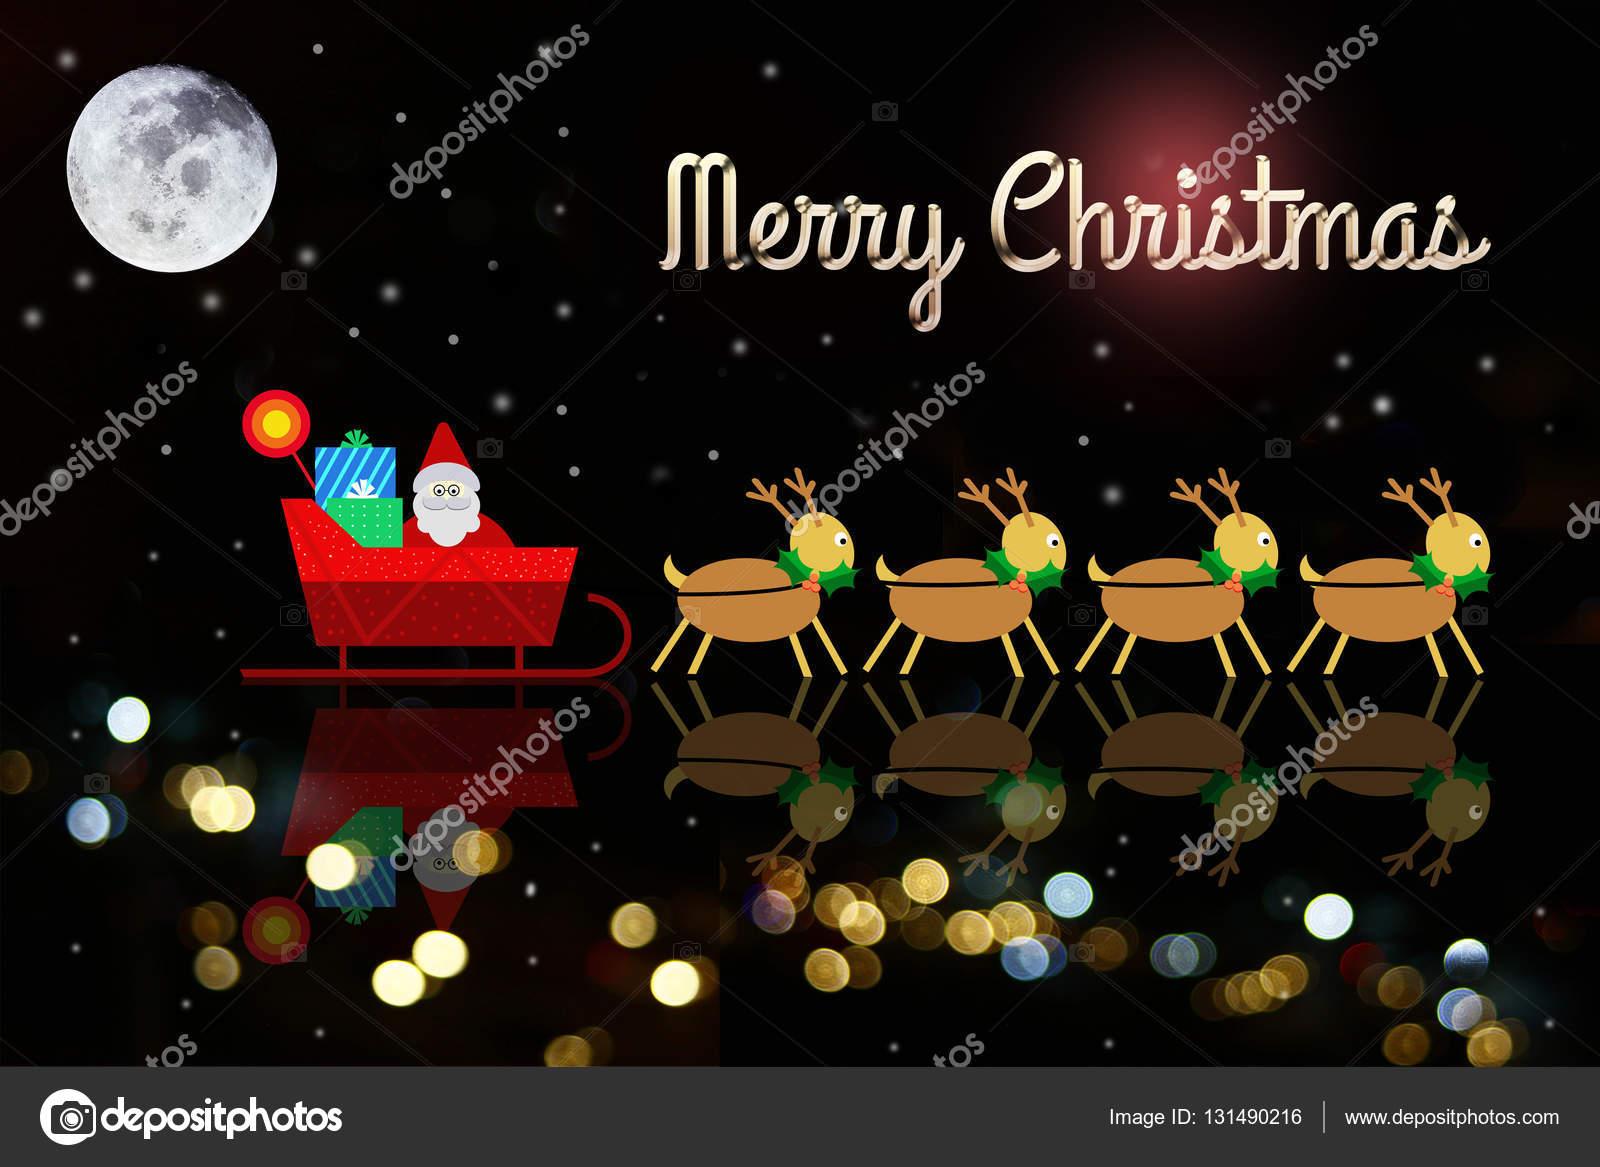 Sfondi Natalizi Renne.Sfondi Di Natale Sul Cloud Con Babbo Natale E Renna Foto Stock